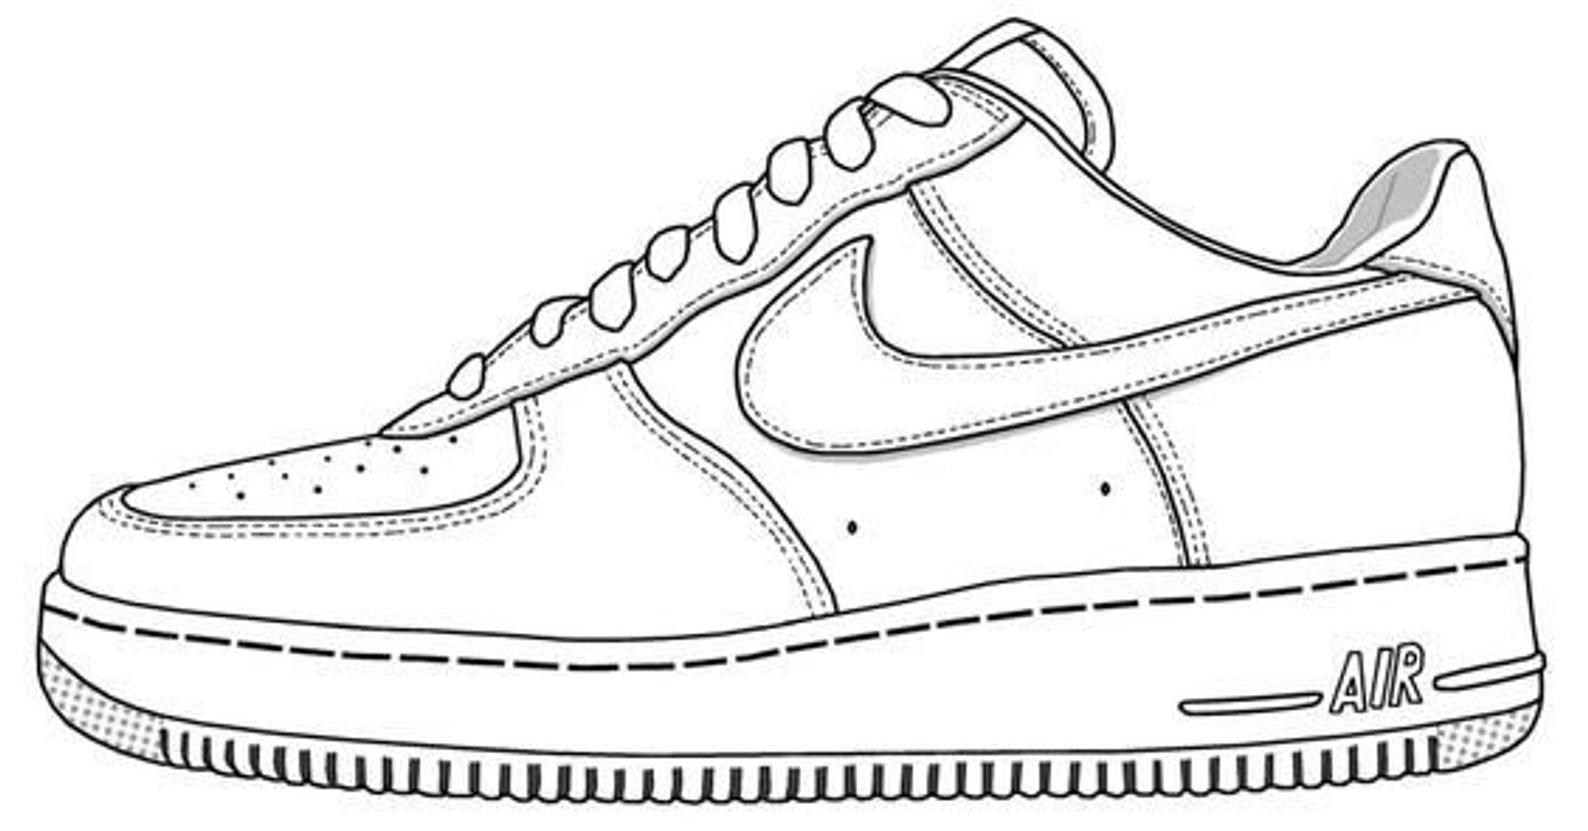 air force 1 nike sketch